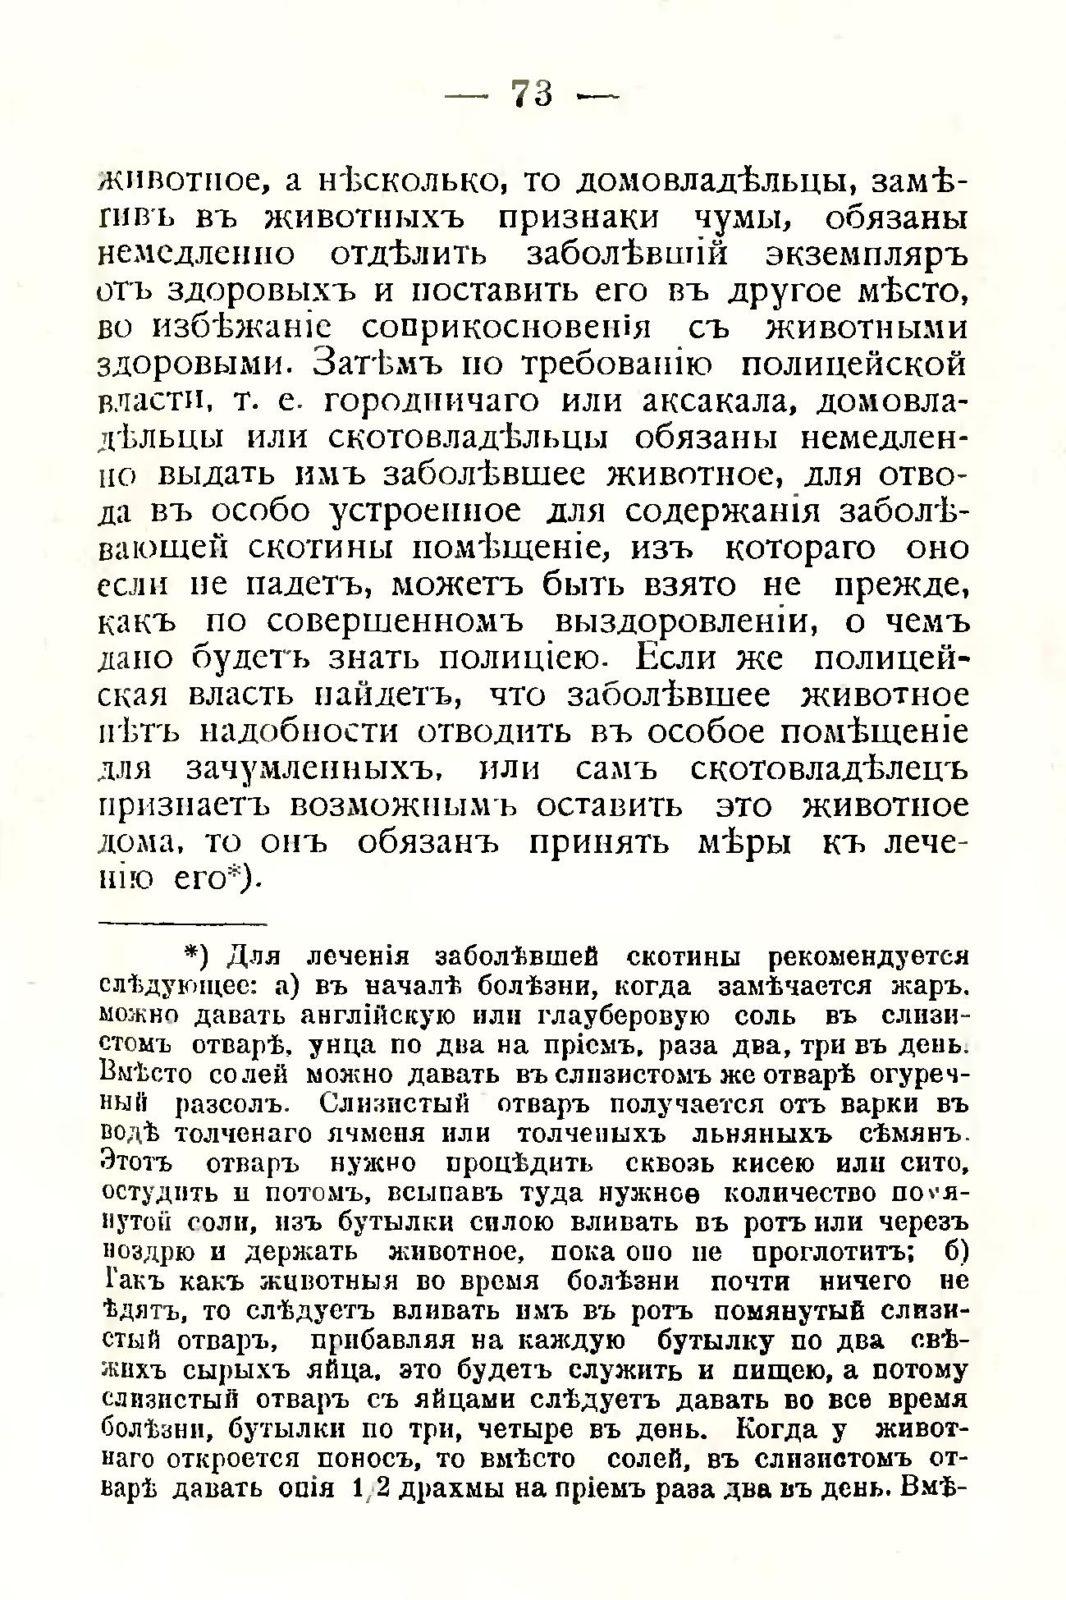 sbornik_obyazatelnyh_postanovlenii_tashkentskoi_gorodskoi_du_77